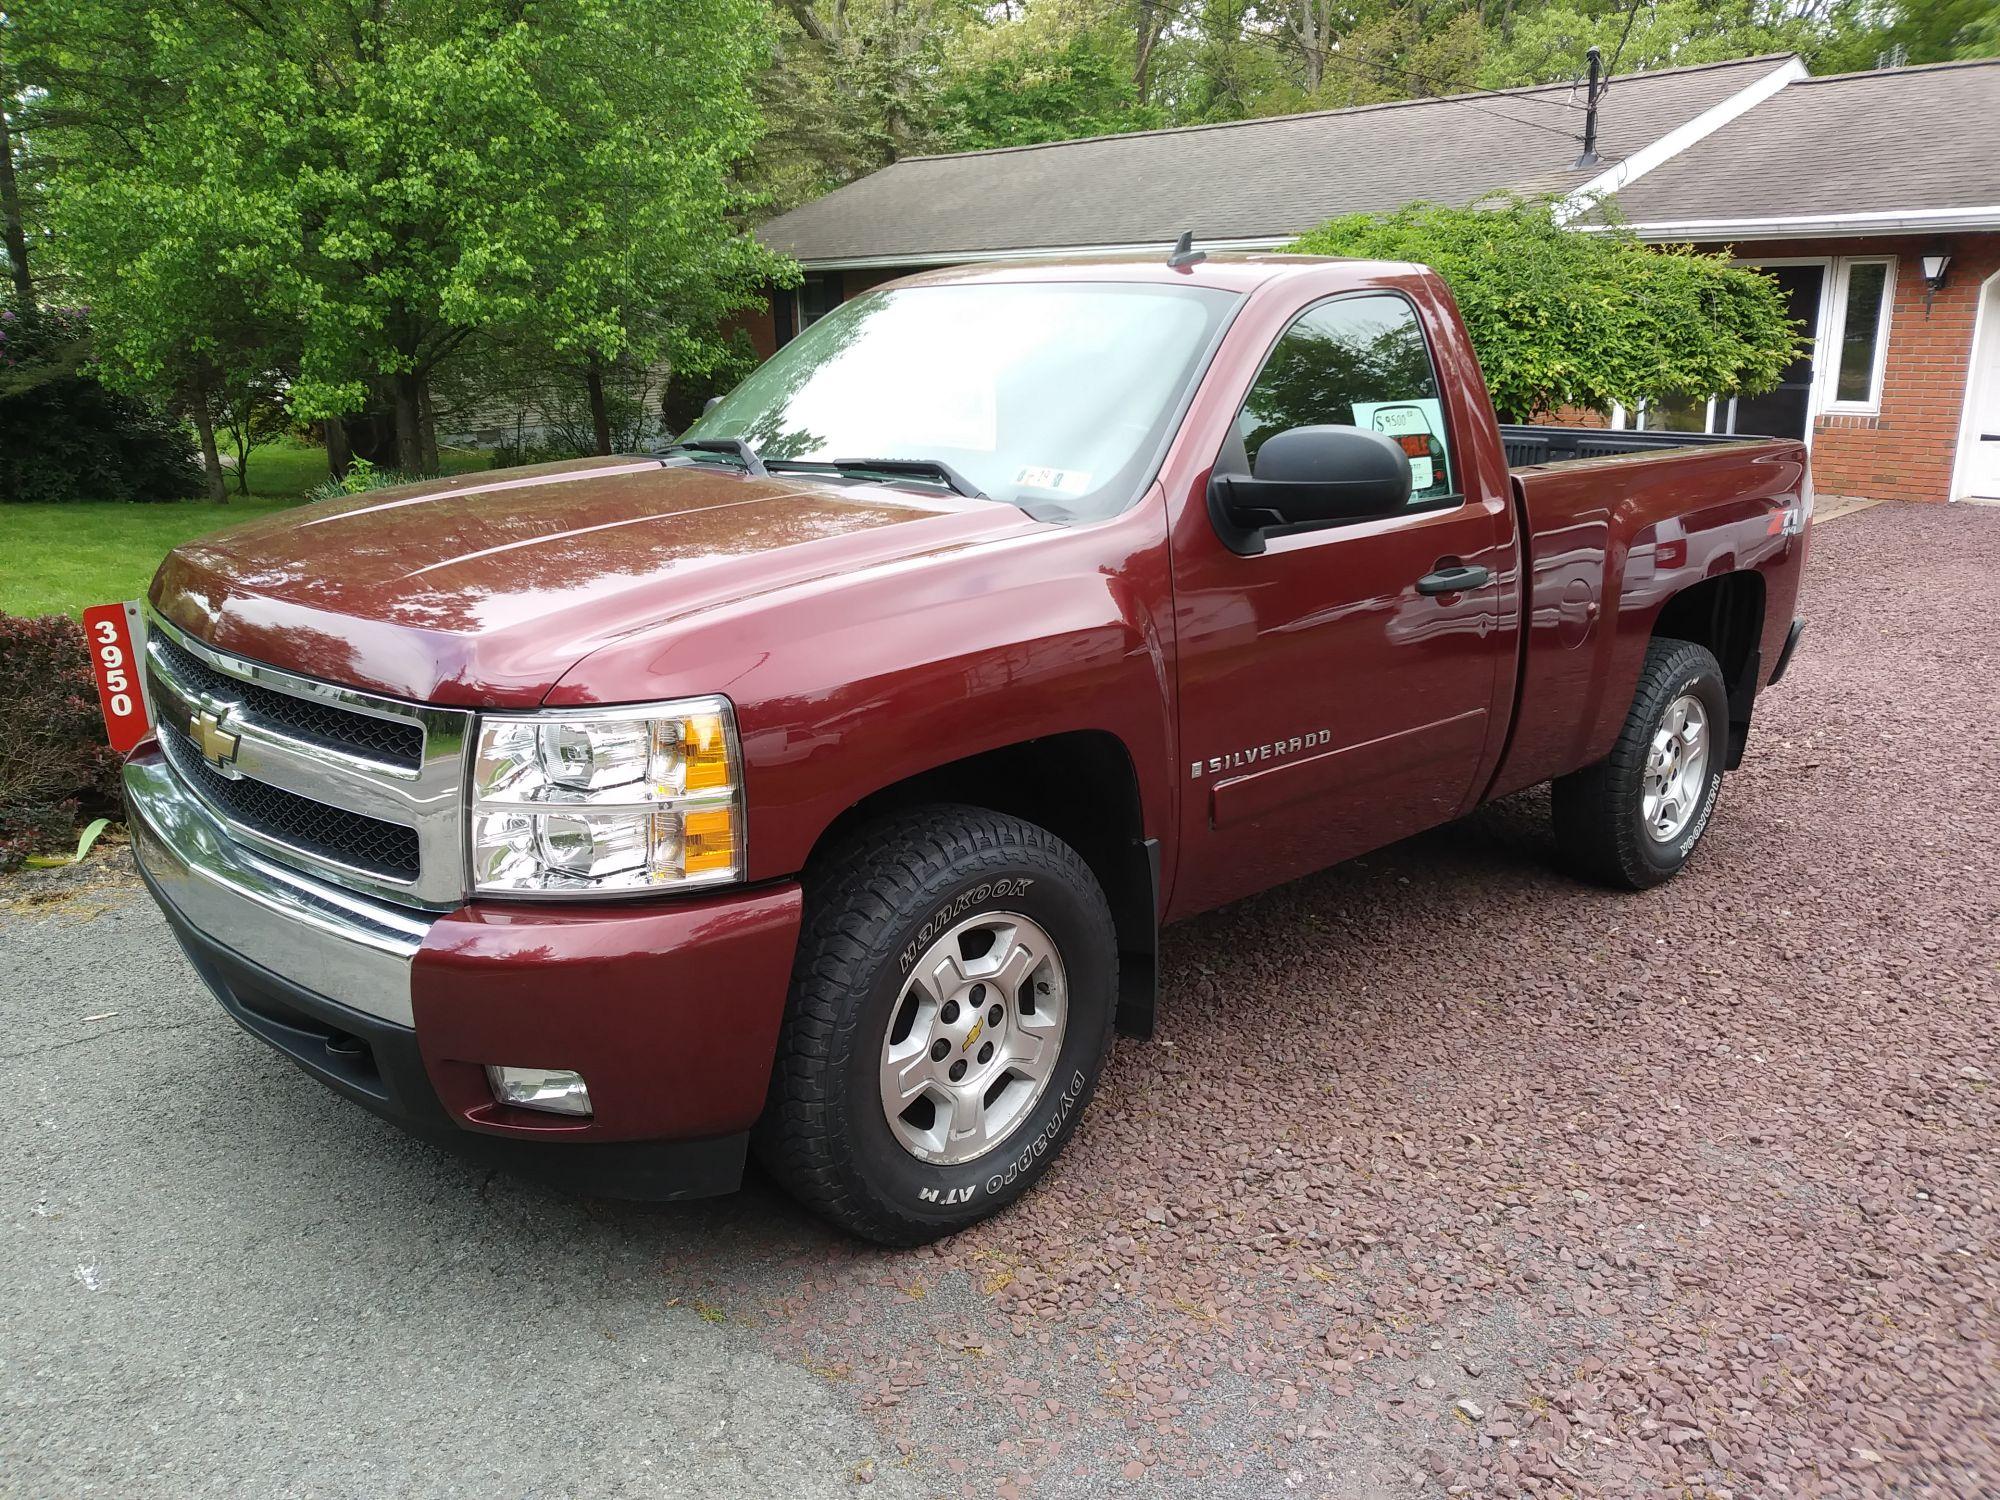 2008 Chevrolet Silverado For Sale Cars Trucks Paper Shop